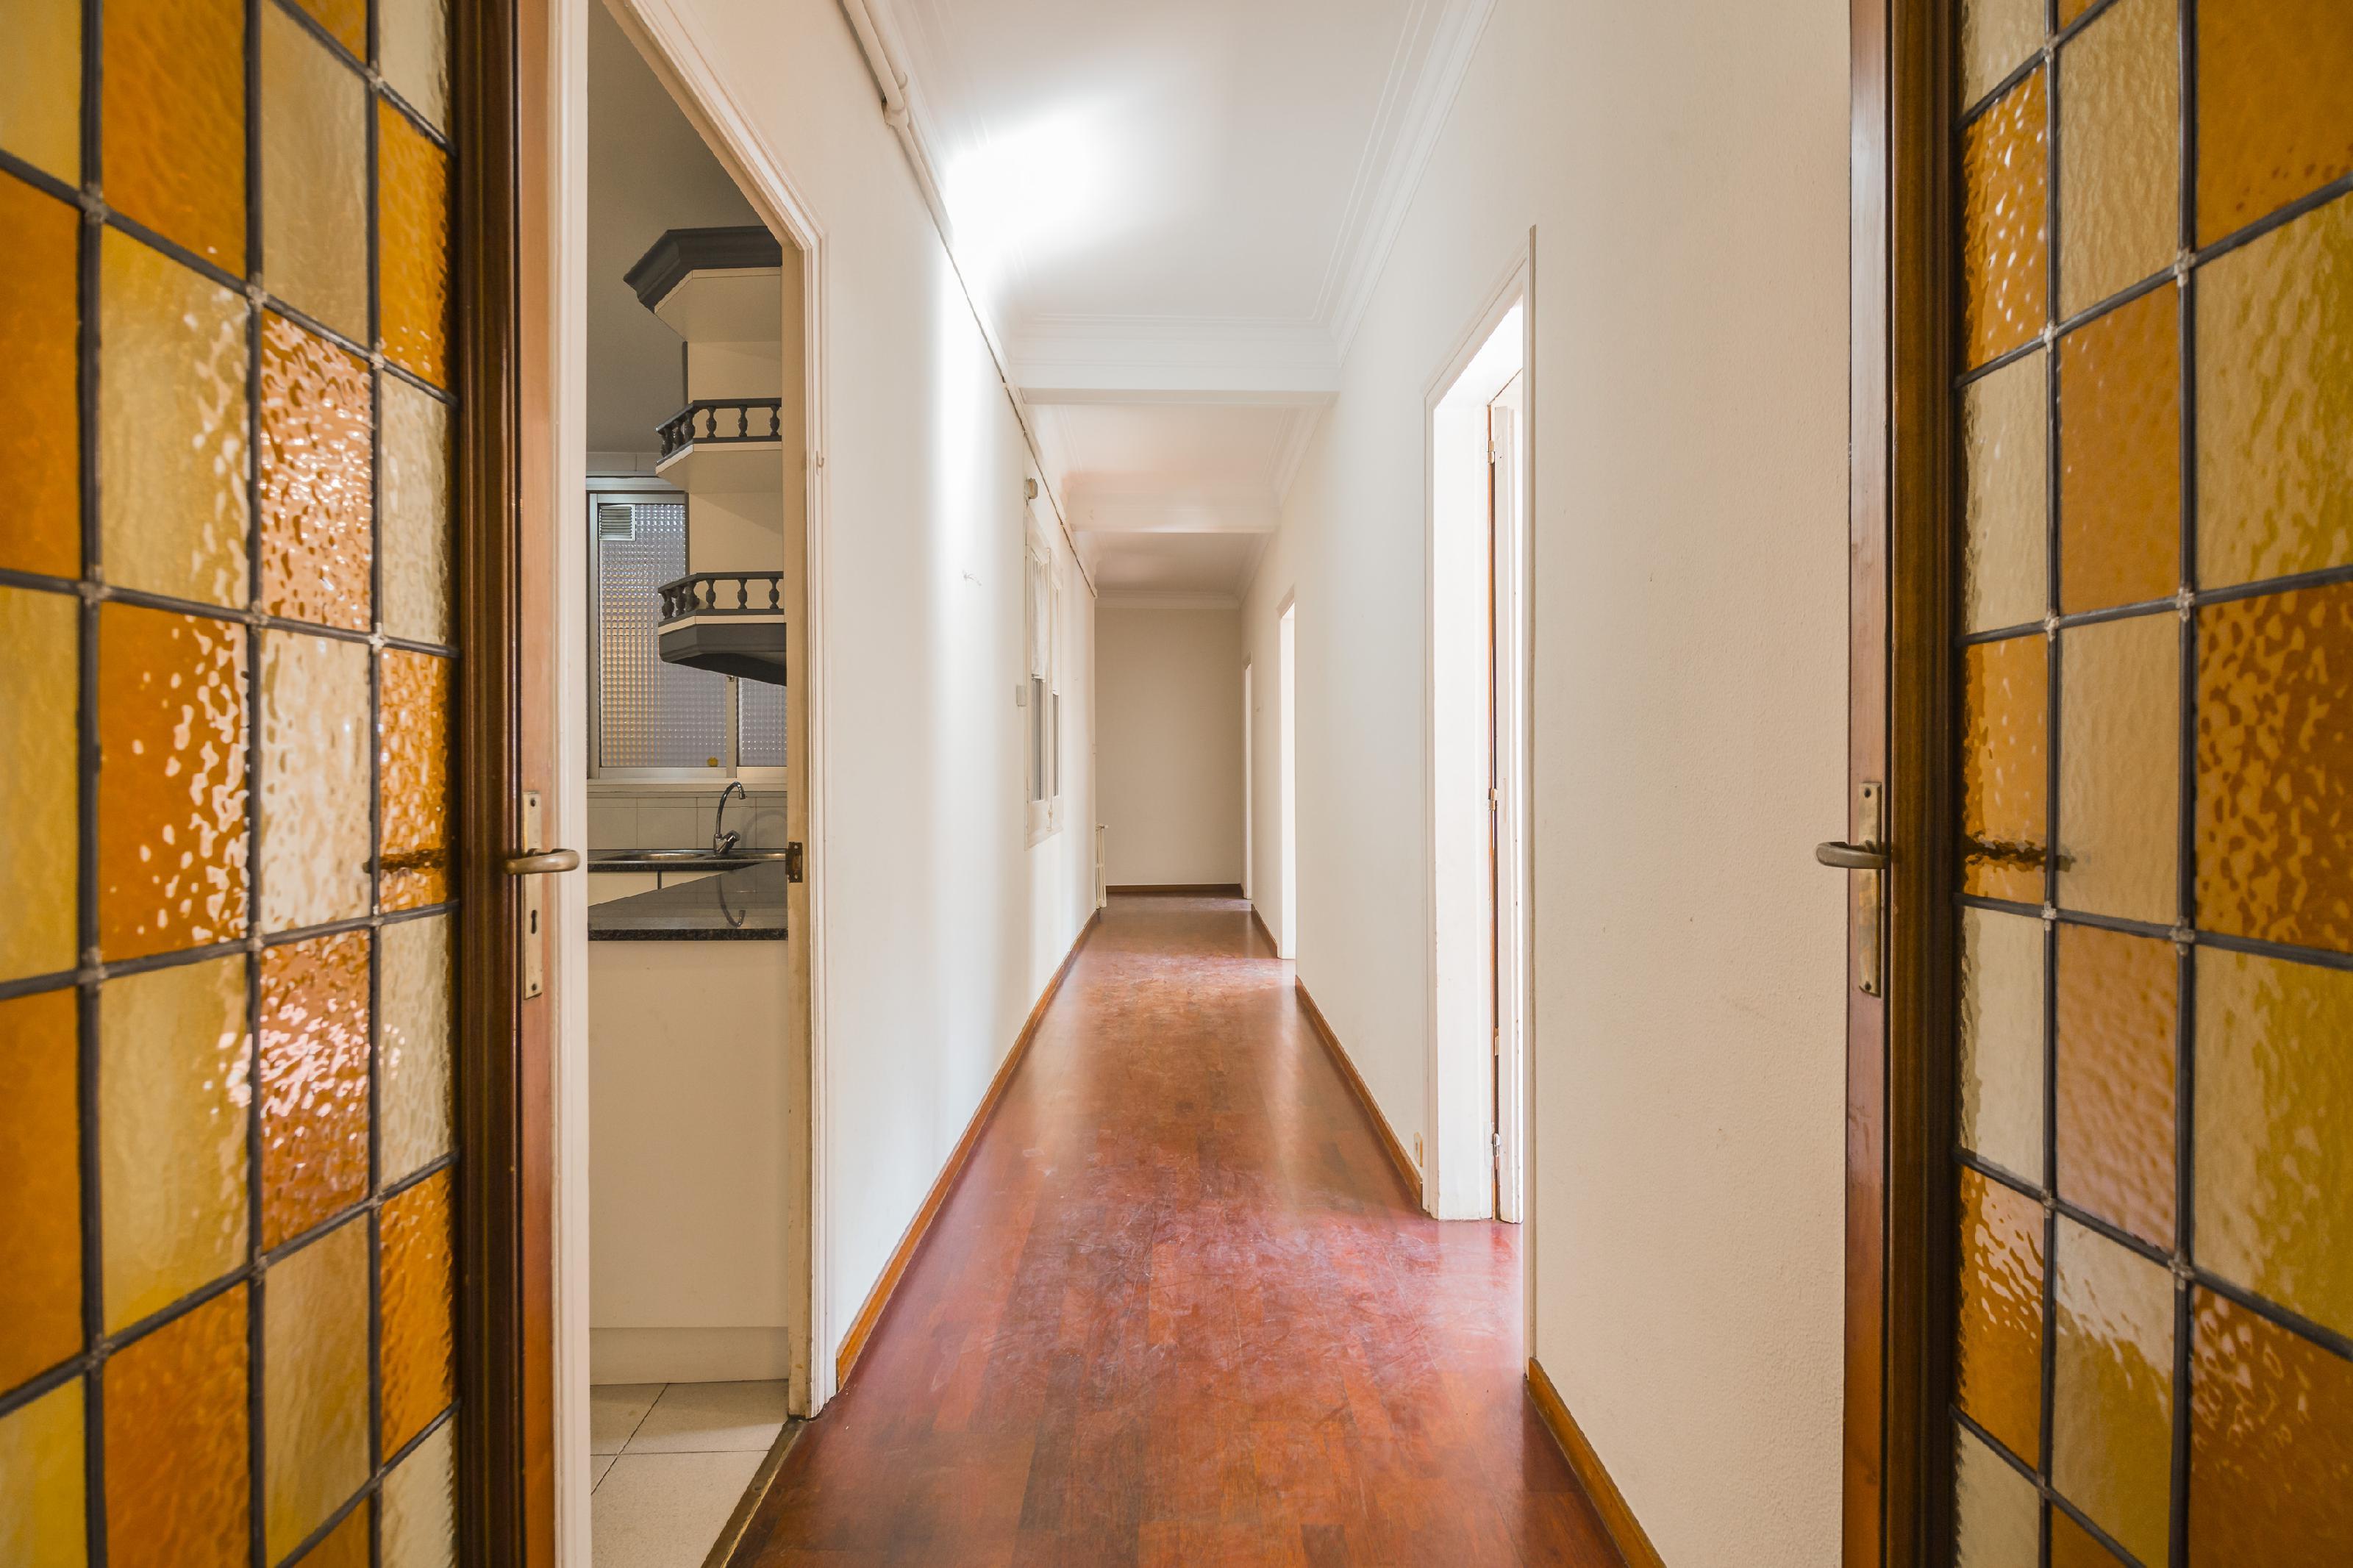 246347 Flat for sale in Sarrià-Sant Gervasi, St. Gervasi-Bonanova 3